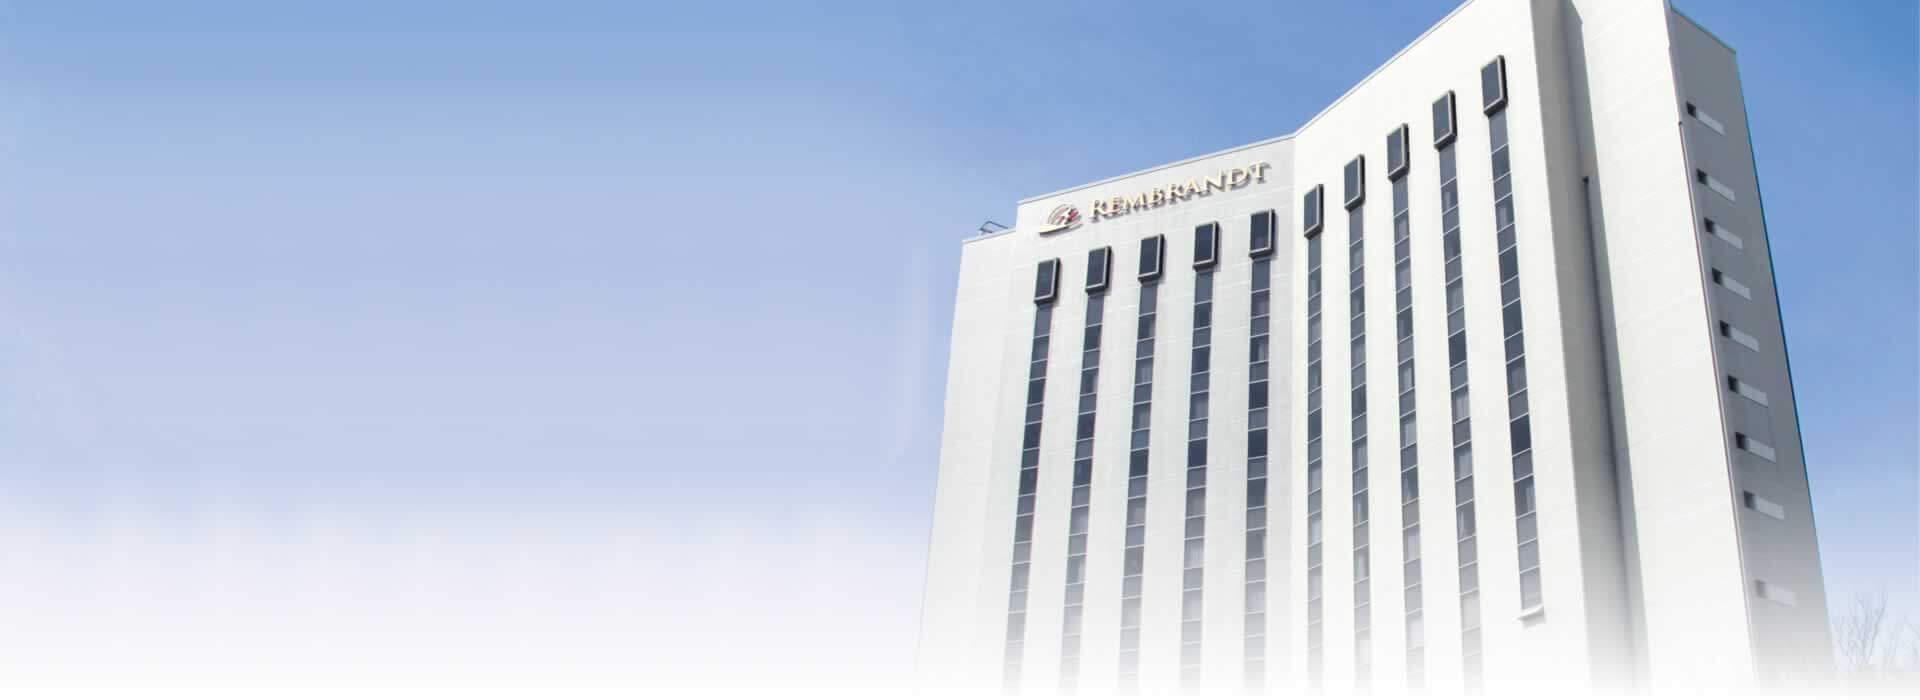 実例紹介|レンブラントホテル大分【公式】レンブラントグループホテル